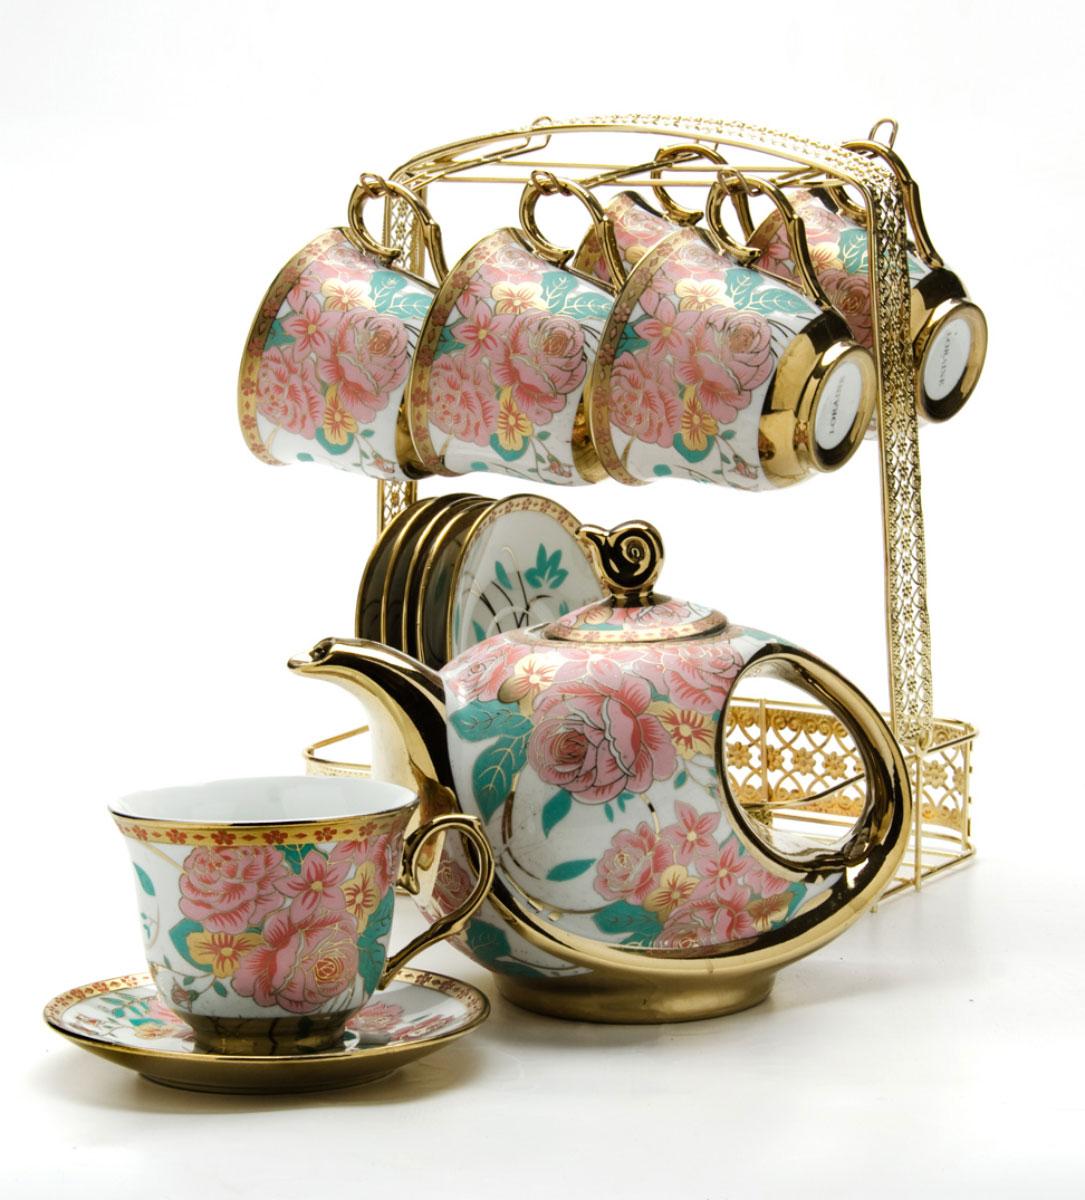 Набор чайный Loraine, на подставке, 15 предметов. 2478324783Чайный набор LORAINE состоит из шести чашек, шести блюдец и заварочного чайника. Предметы набора изготовлены из керамики и оформлены изображением цветов и бабочек. Все предметы располагаются на удобной металлической подставке с ручкой. Элегантный дизайн набора придется по вкусу и ценителям классики, и тем, кто предпочитает утонченность и изысканность. Он настроит на позитивный лад и подарит хорошее настроение с самого утра. Чайный набор LORAINE идеально подойдет для сервировки стола и станет отличным подарком к любому празднику.